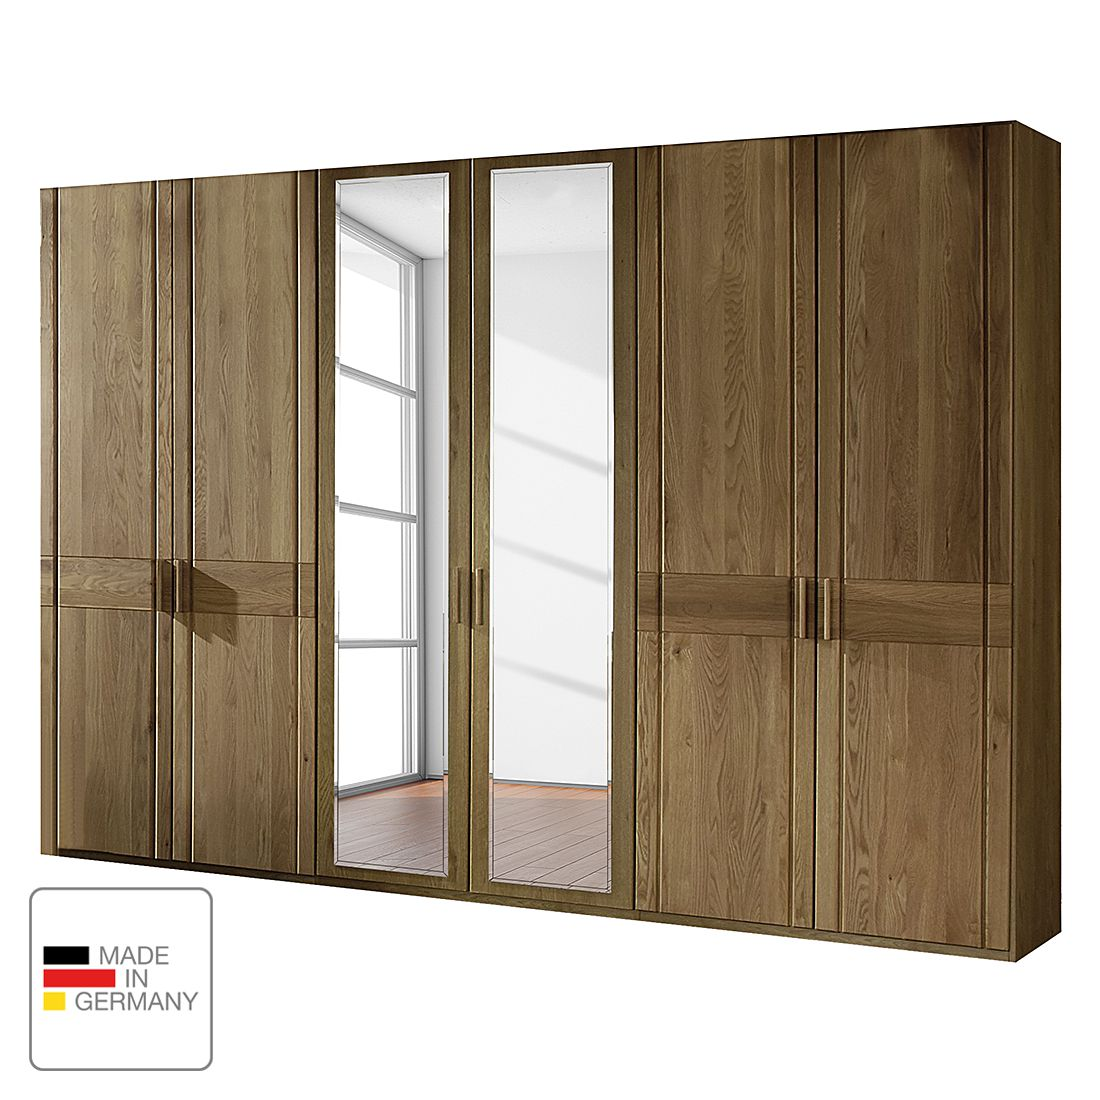 goedkoop Draaideurkast Münster deels massief eikenhout Zonder verlichting 100cm 2 deurs 1 spiegeldeur scharnieren liks Zonder kroonlijst Wiemann